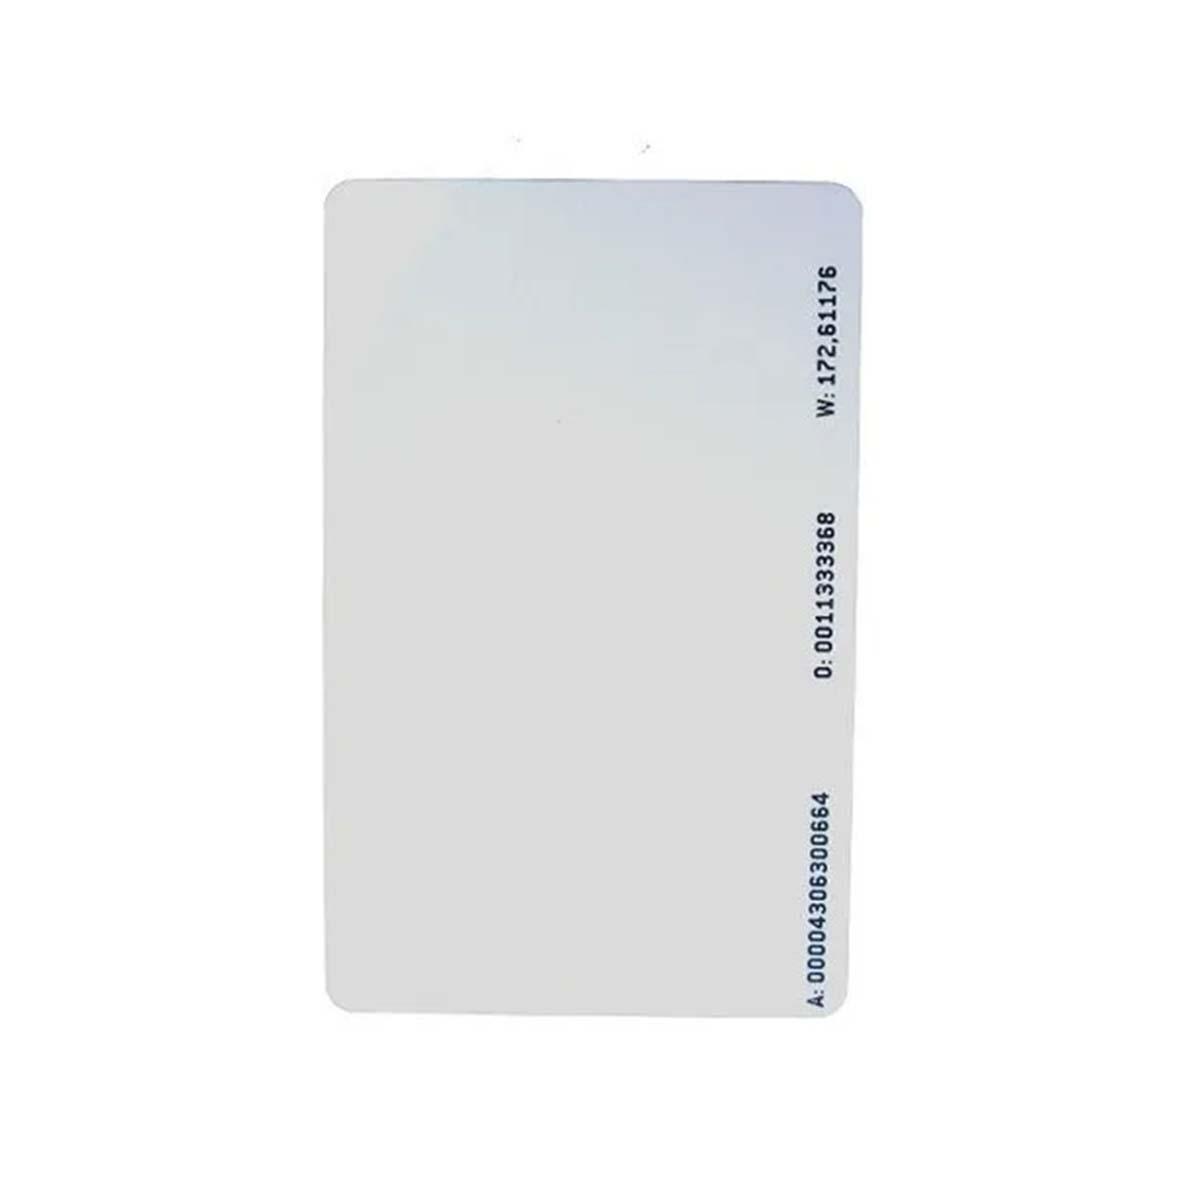 Kit 07 Cartão Intelbras De Acionamento Rfid 125Khz Th 2000